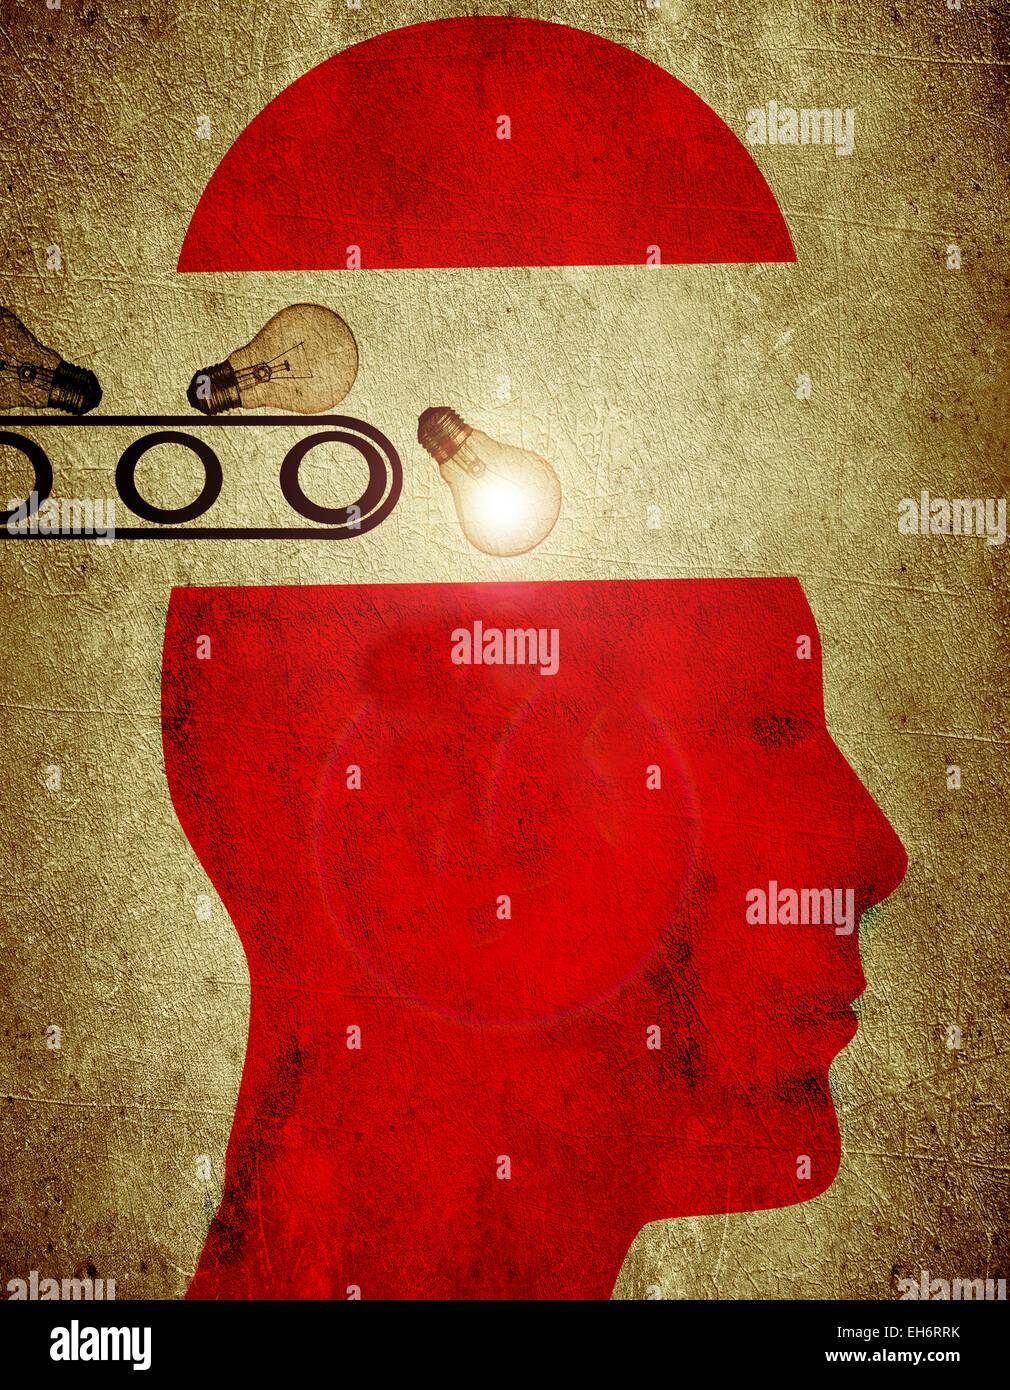 Silueta roja con bulbo creatividad concepto de fábrica ilustración digital Foto de stock